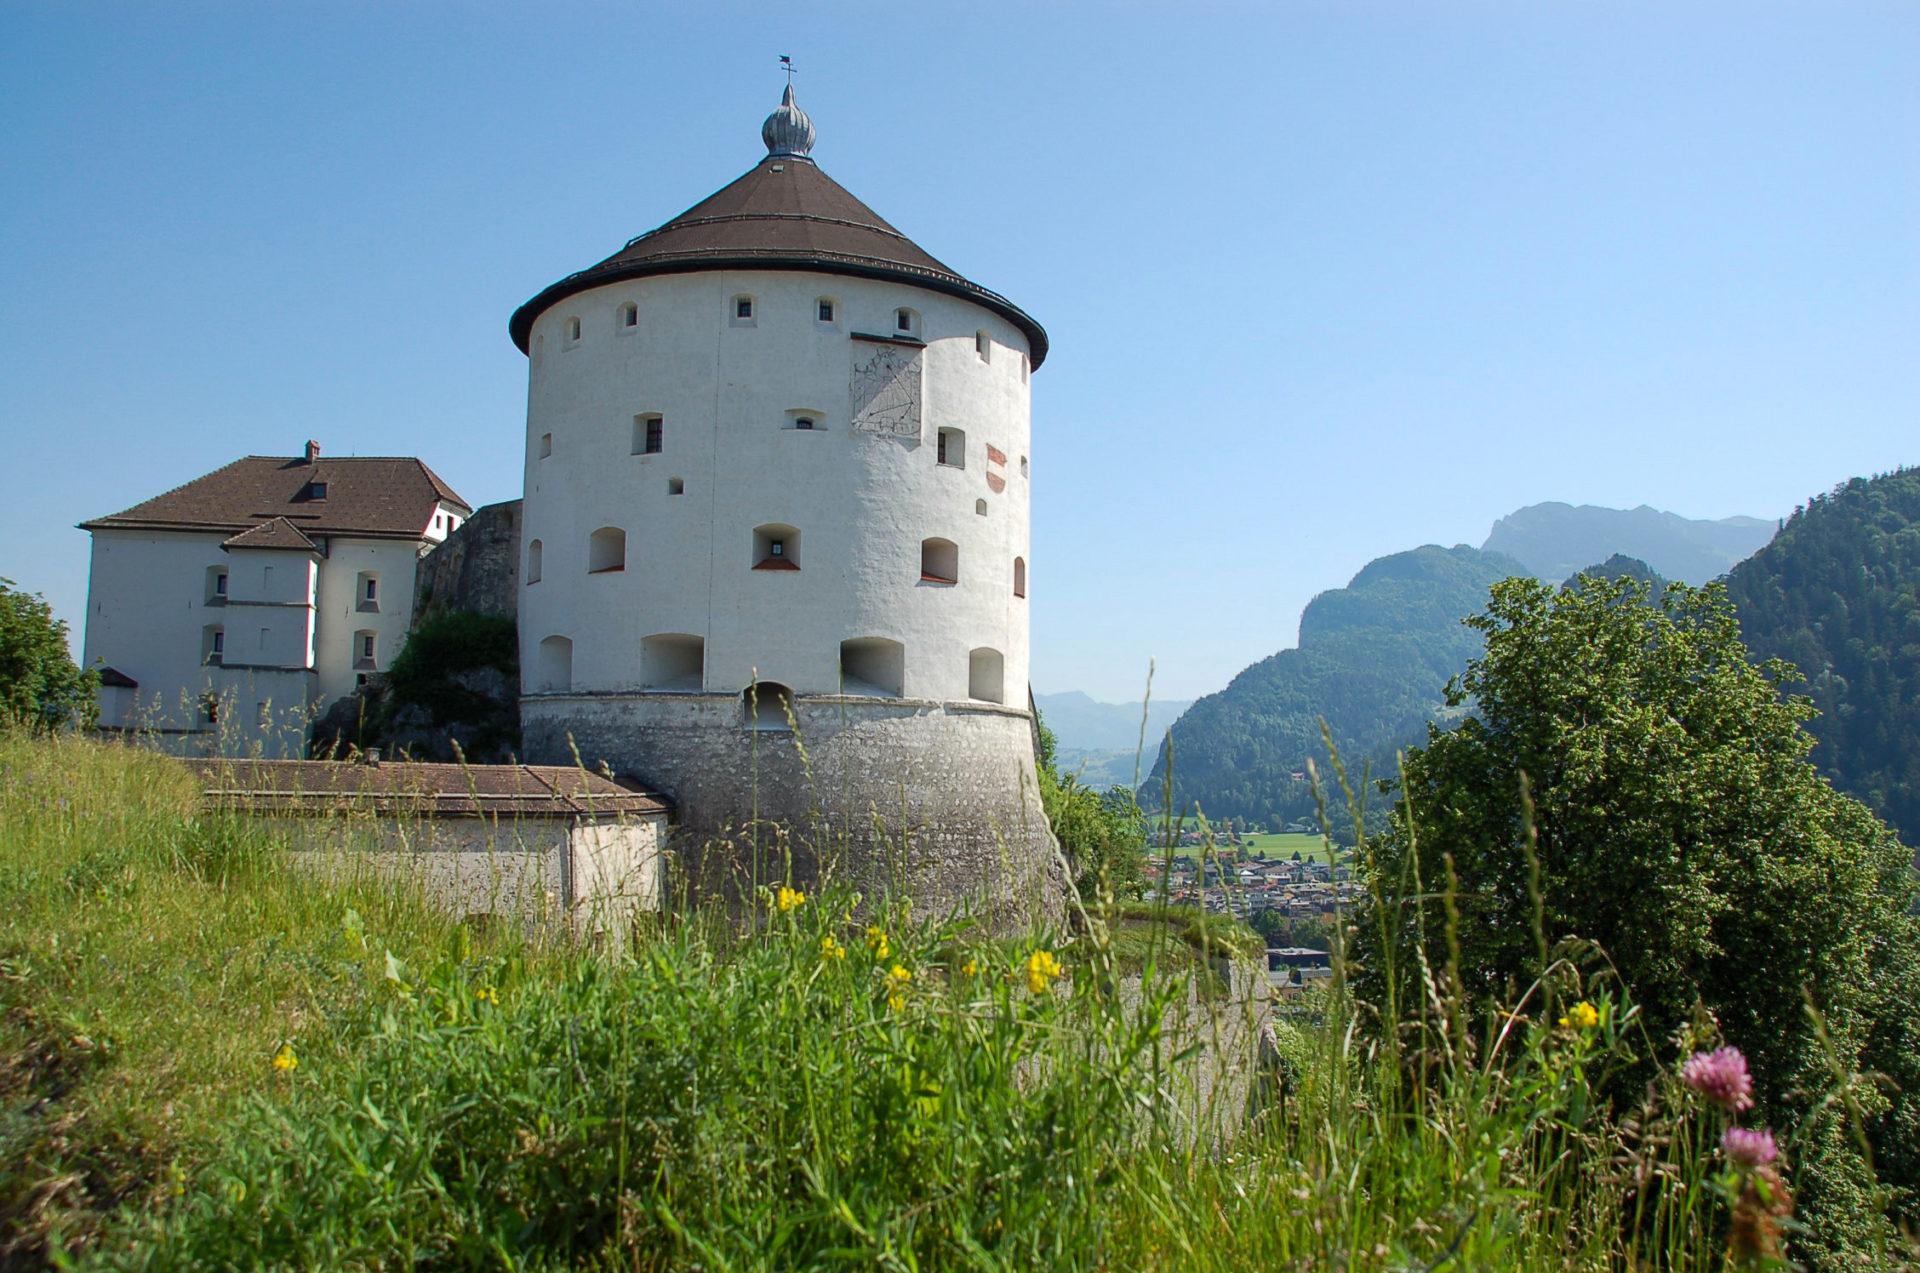 Die Burg in Kufstein am Innradweg in Tirol bietet fantastische Ausblicke auf die Alpen